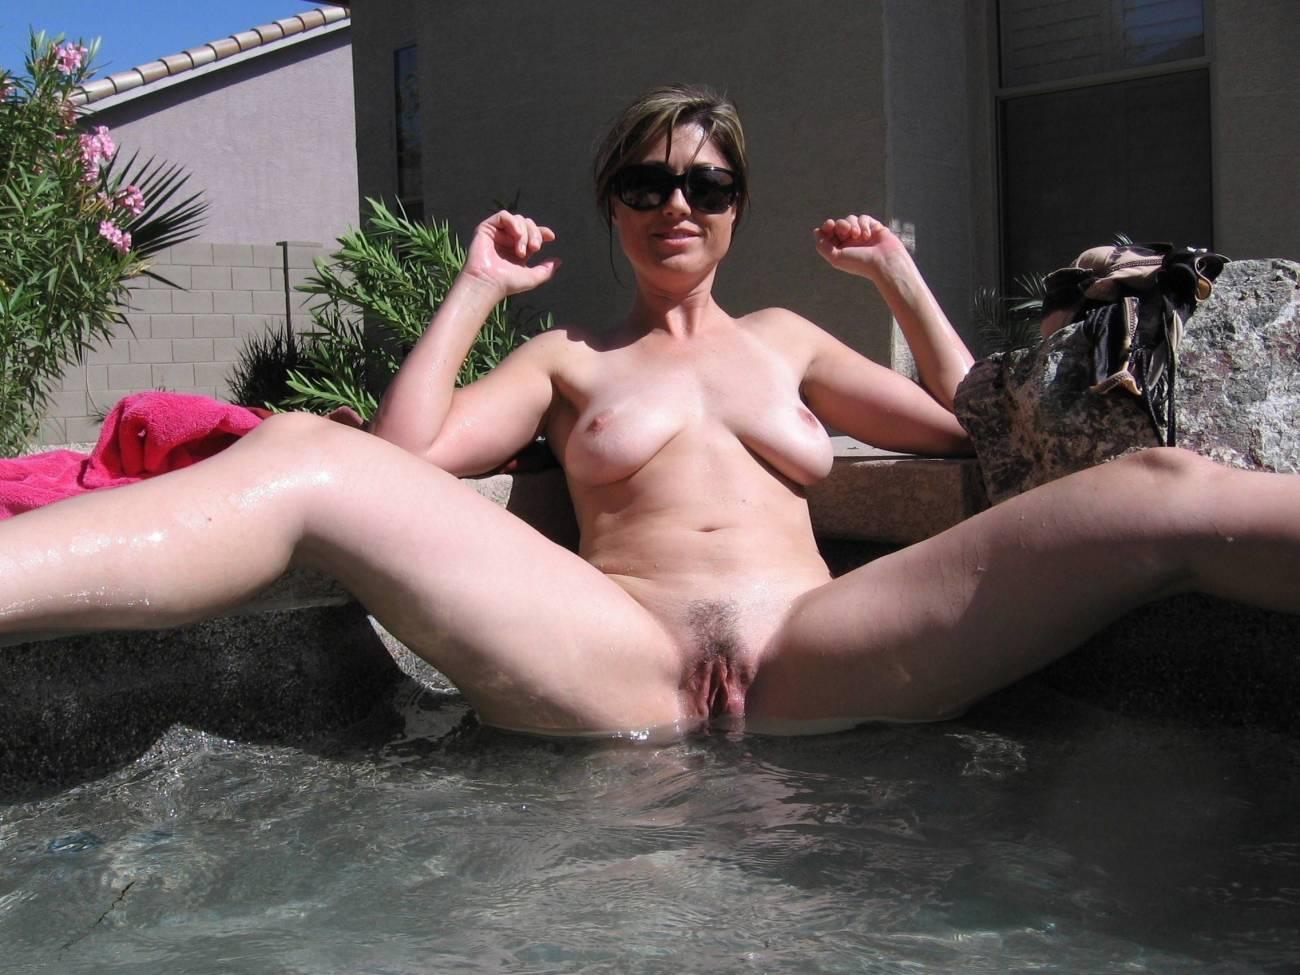 Amateur Porn Pics, Free Homemade Sex Pics